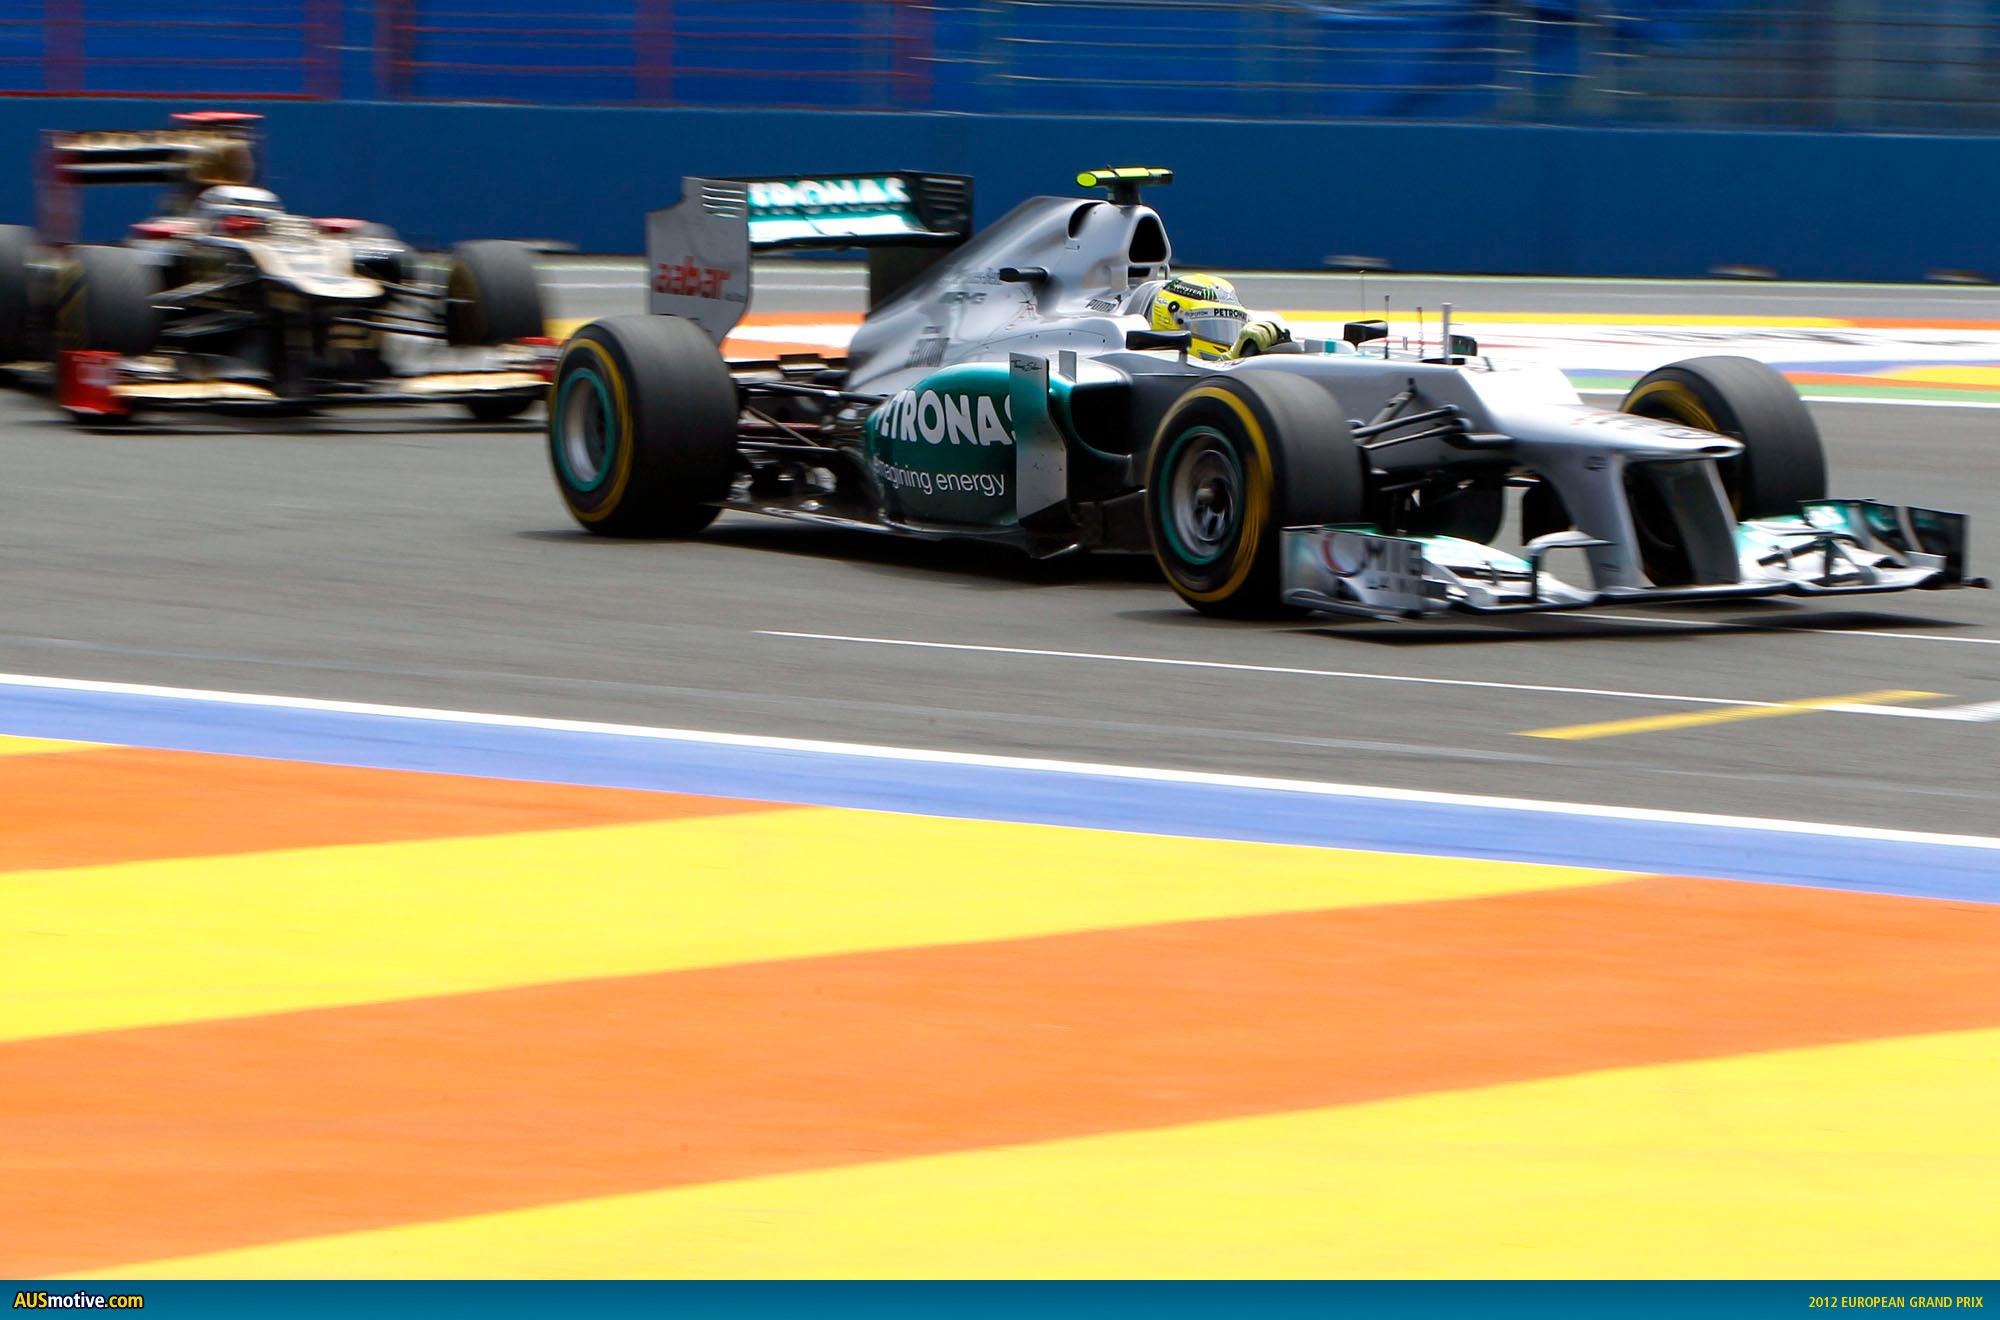 AUSmotive.com » 2012 European Grand Prix in pictures